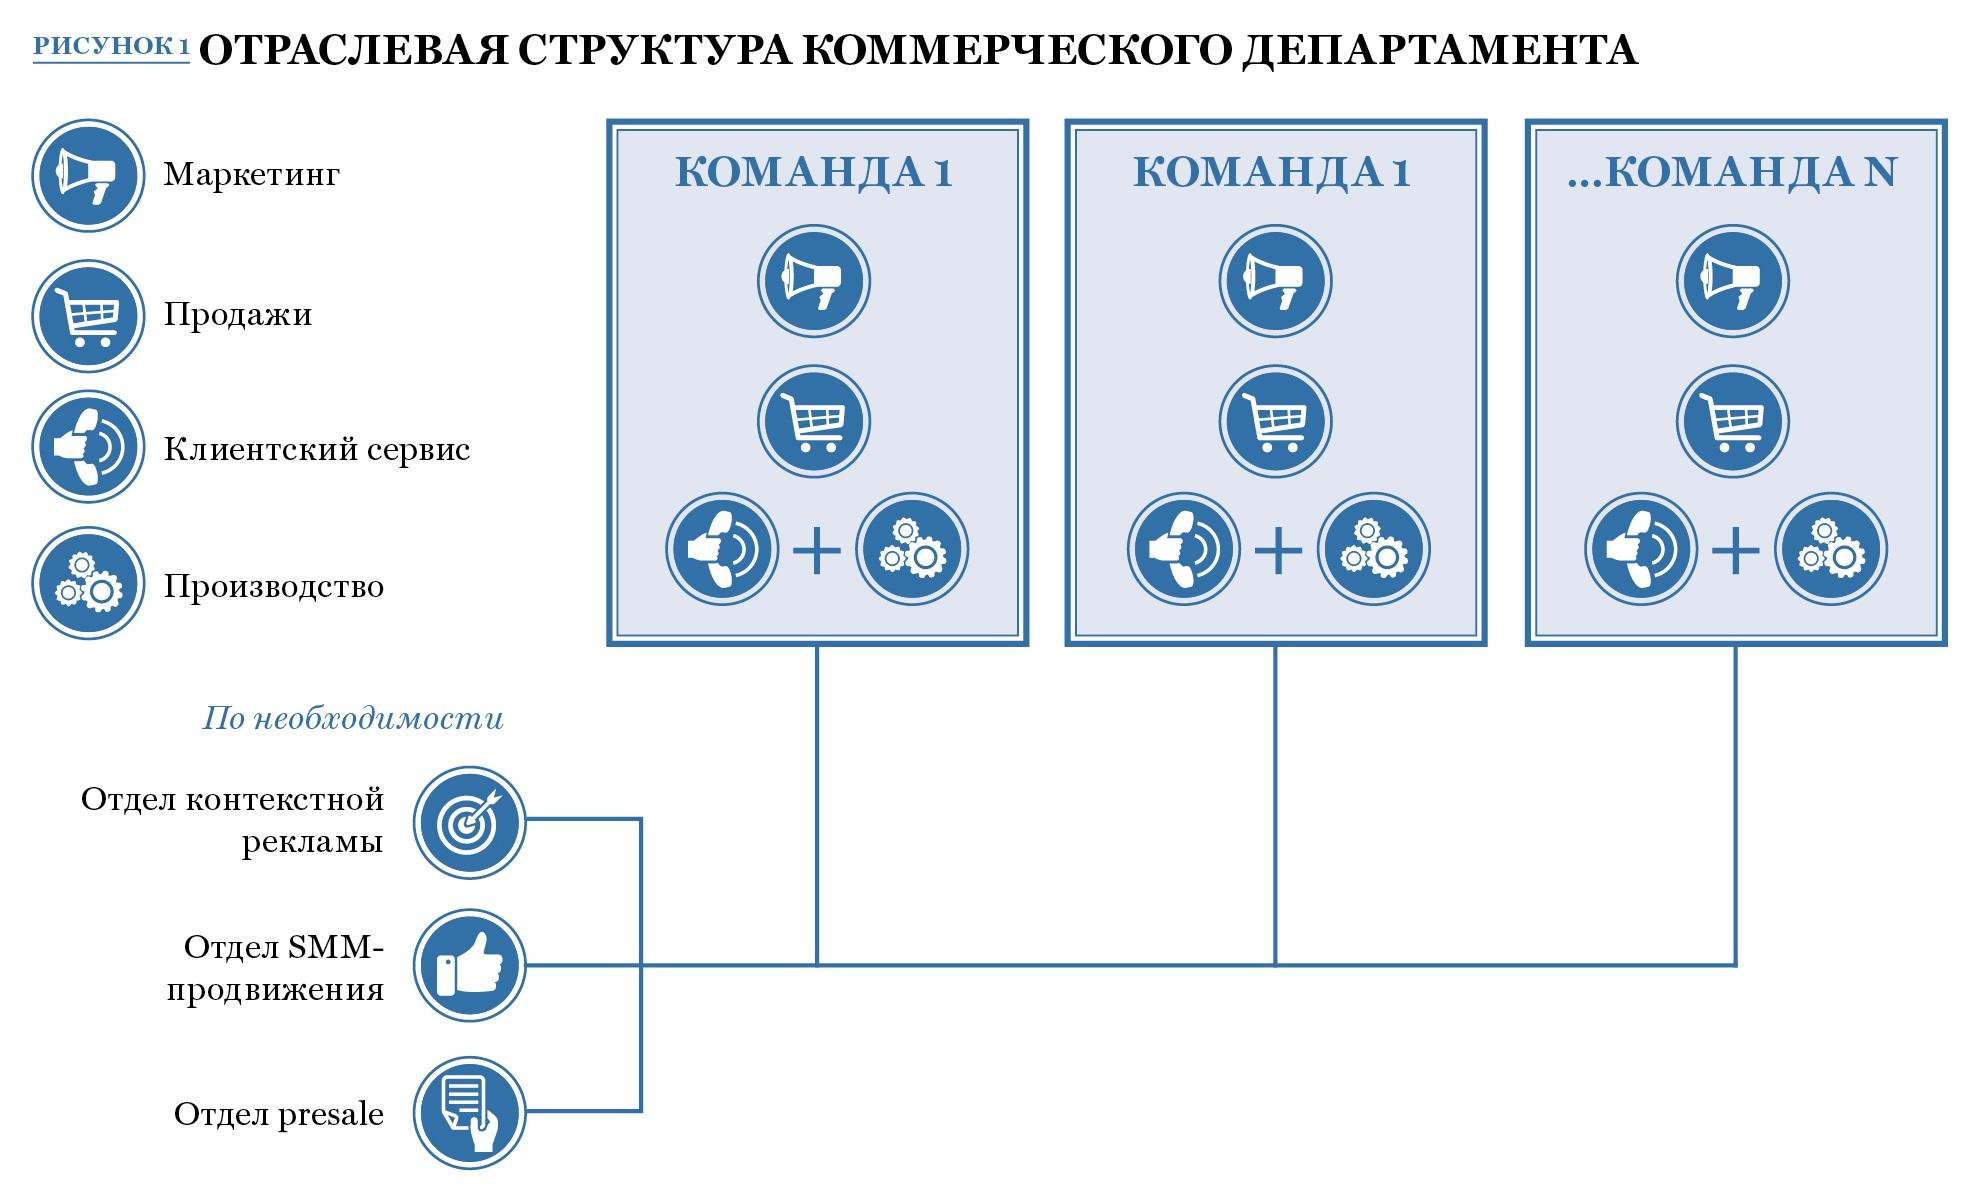 структура коммерческого отдела